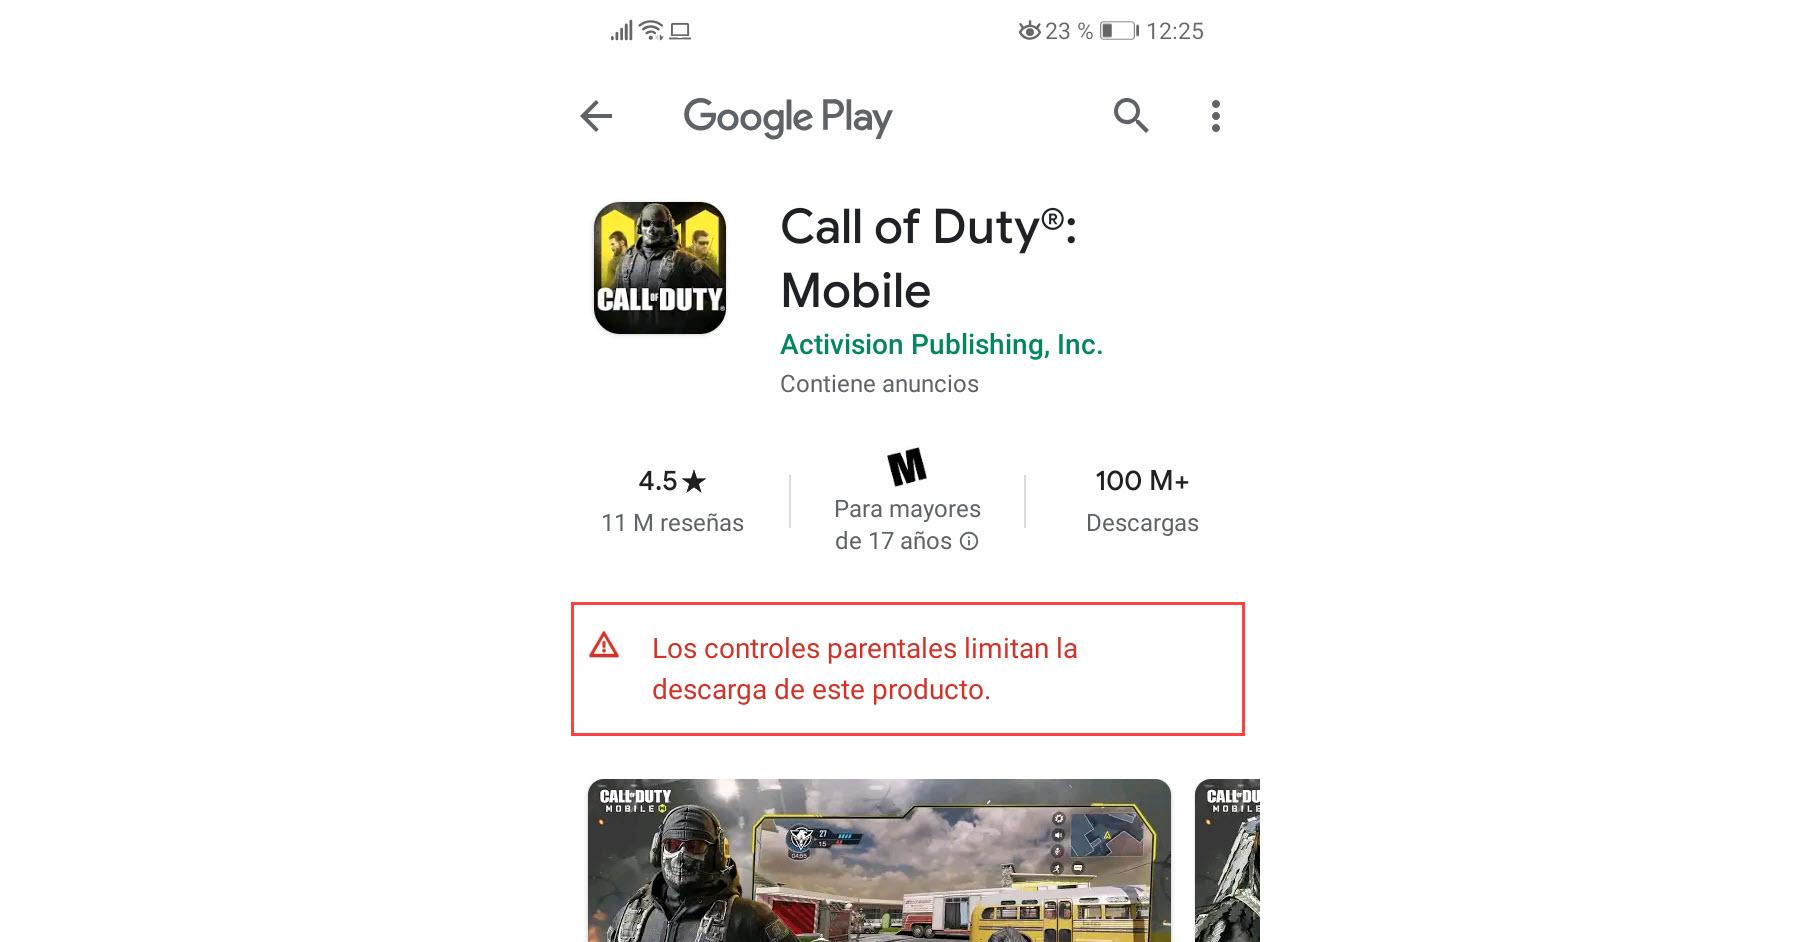 Cómo restringir la descarga y uso de apps o juegos en Android